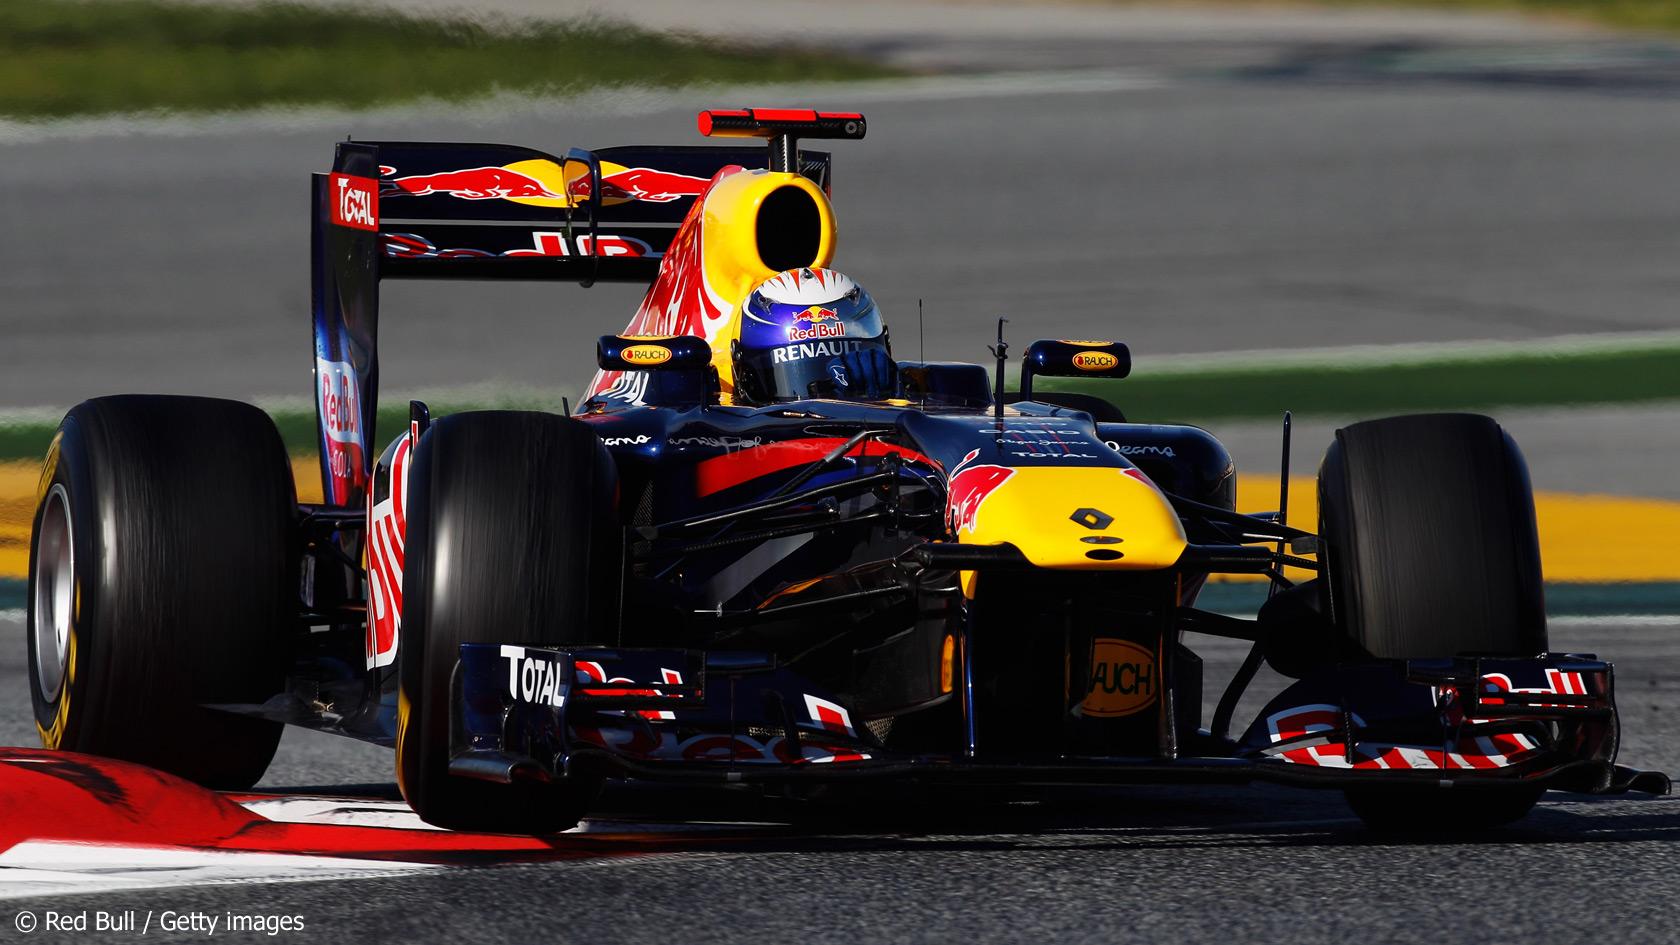 2011 - Red Bull Racing